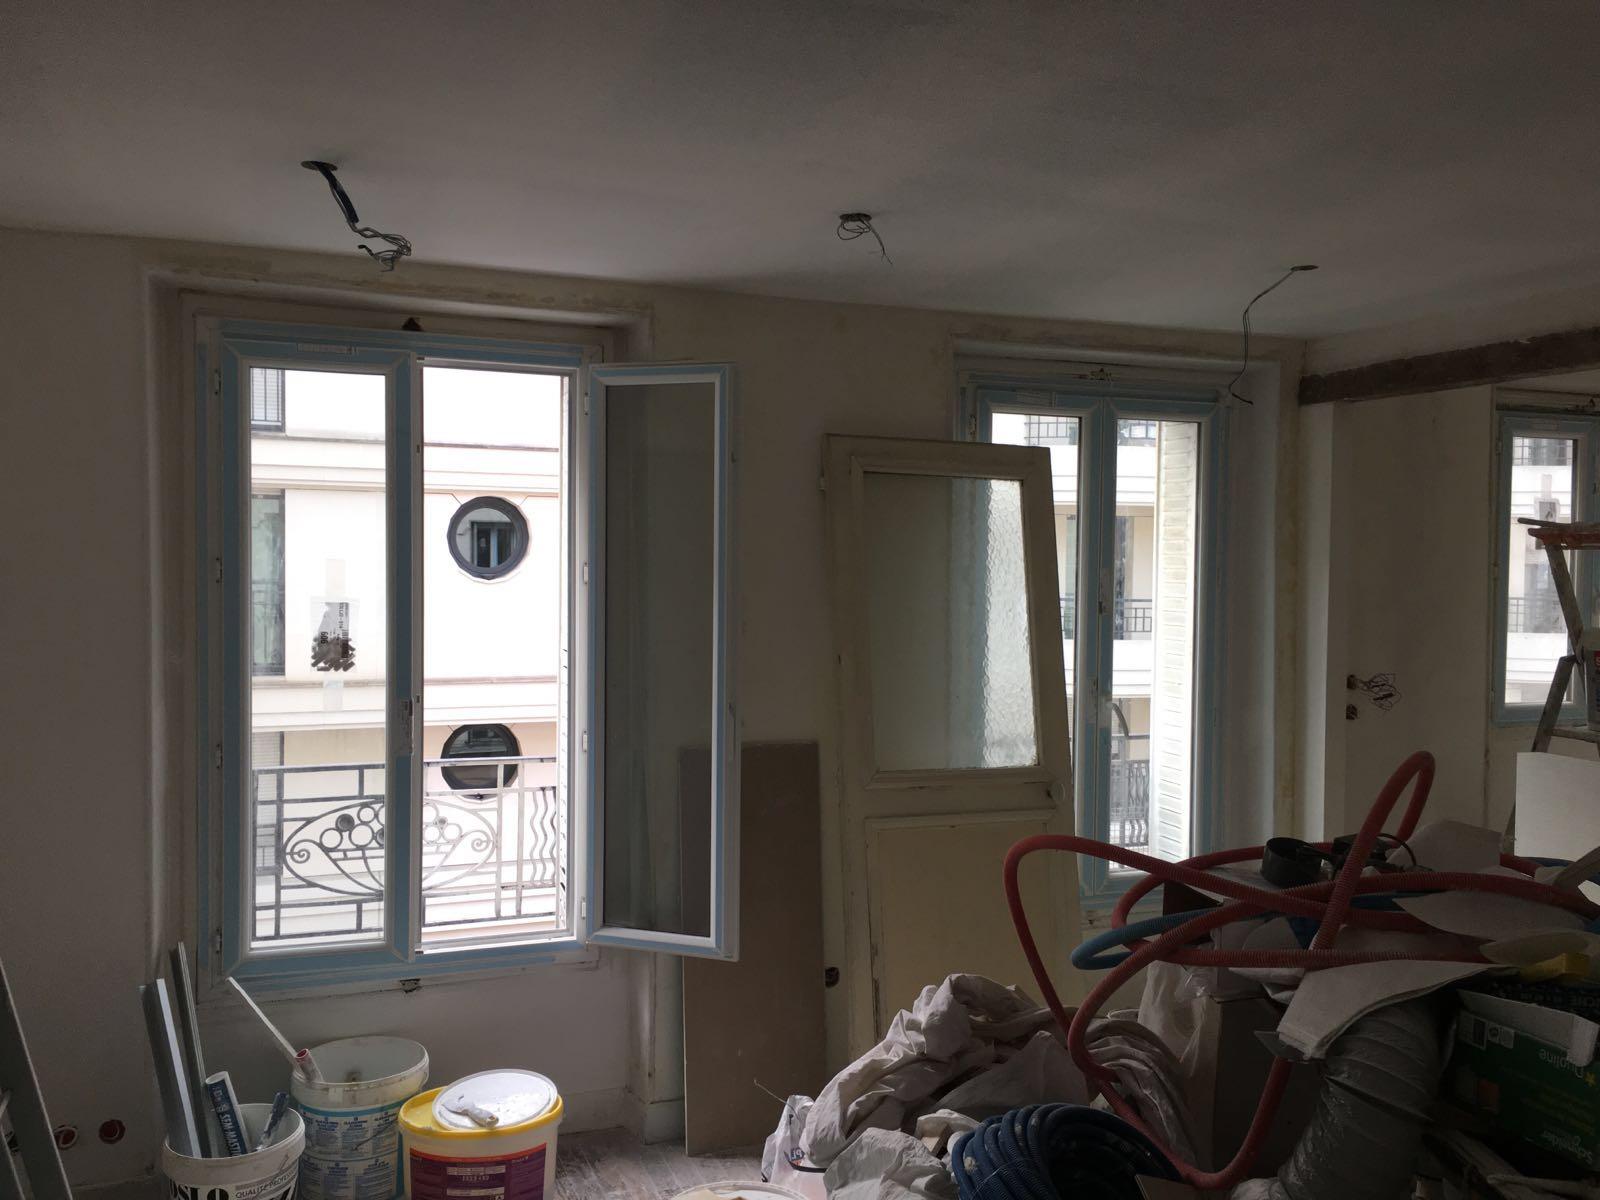 Travaux-de-renovation-a-Asnieres-d'un-studio-0 (2)-pose-de-carrelage-toile-de-verre-peinture-plomberie-electricite-menuiserie-texas-batiment-rge-min